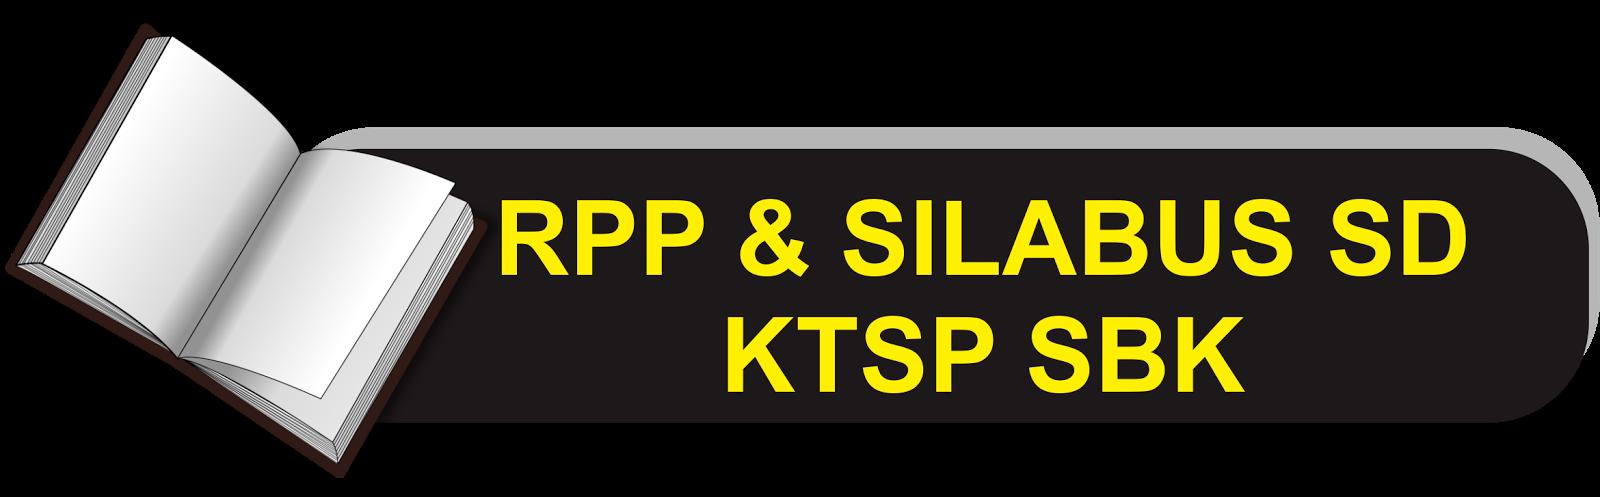 Download Rpp Dan Silabus Sbk Berkarakter Kelas 1 S D 6 Seputar Sekolah Dasar